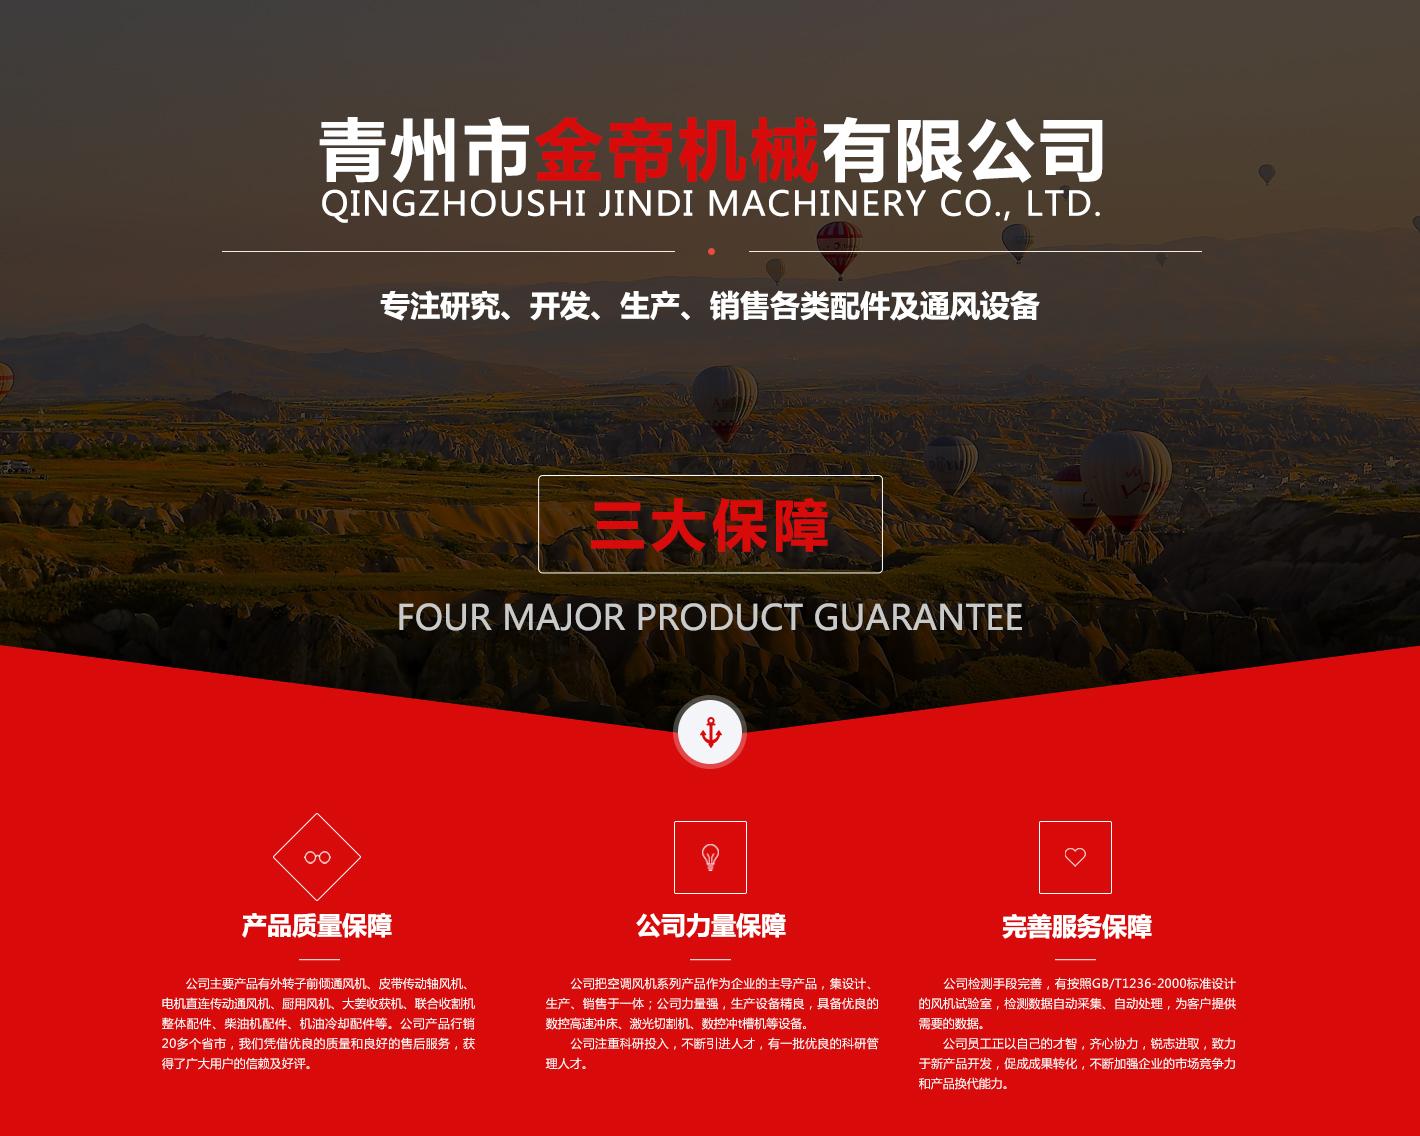 青州市抓饭直播nba直播机械有限公司产品特点